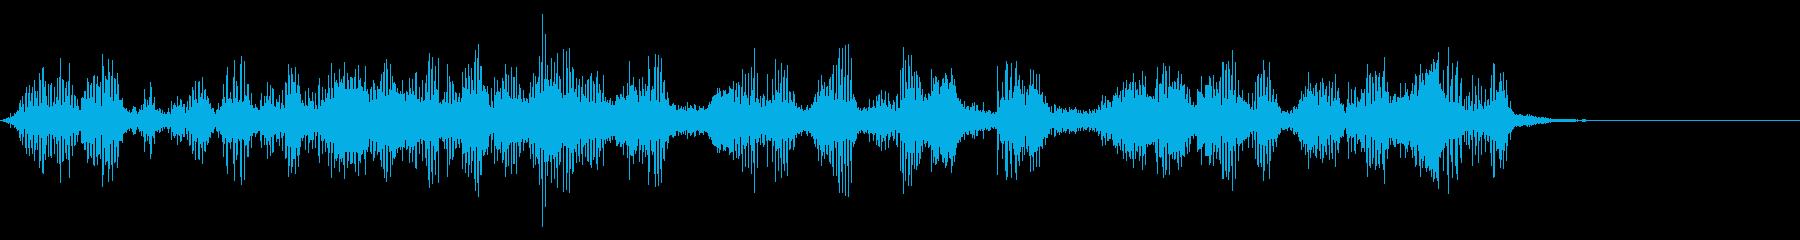 【生録音】フラミンゴの鳴き声 36の再生済みの波形